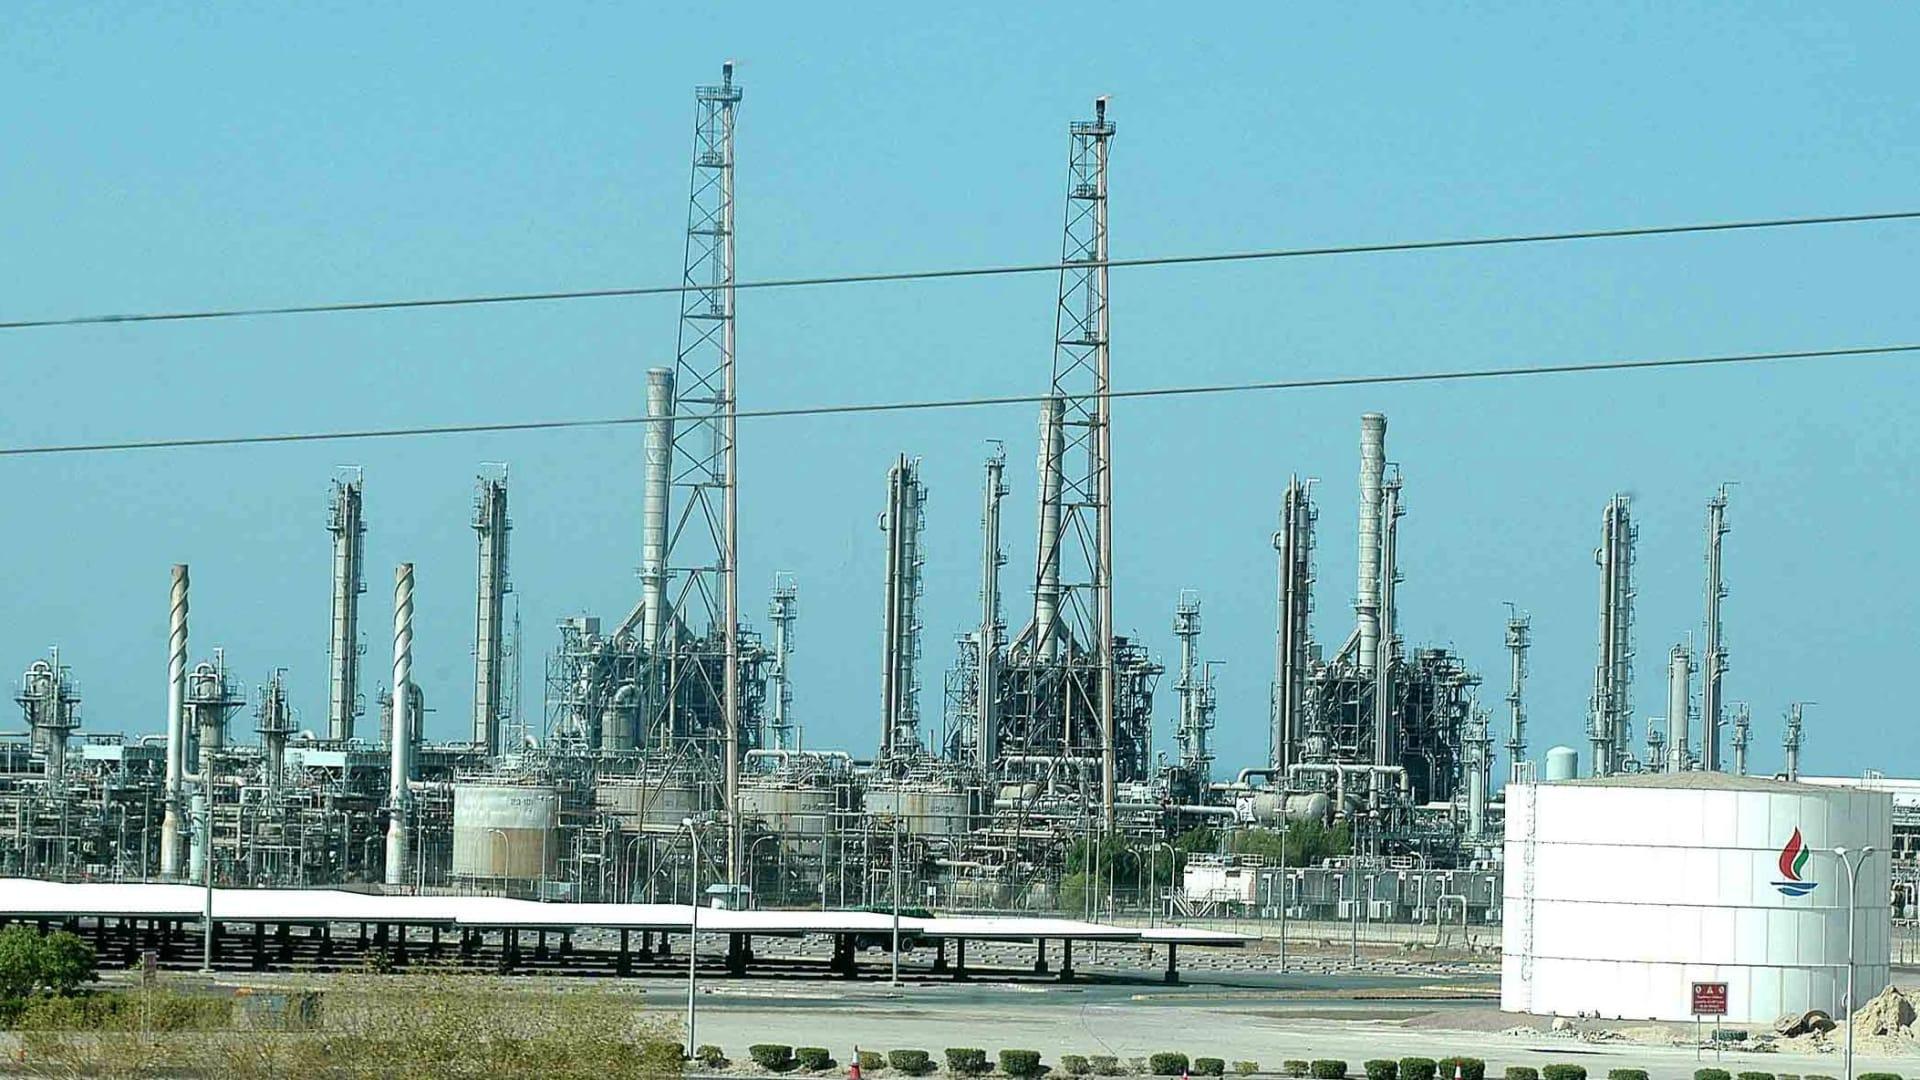 نظرة عامة تظهر مصفاة النفط الرئيسية في الكويت في الأحمدي 1 أغسطس 2005.